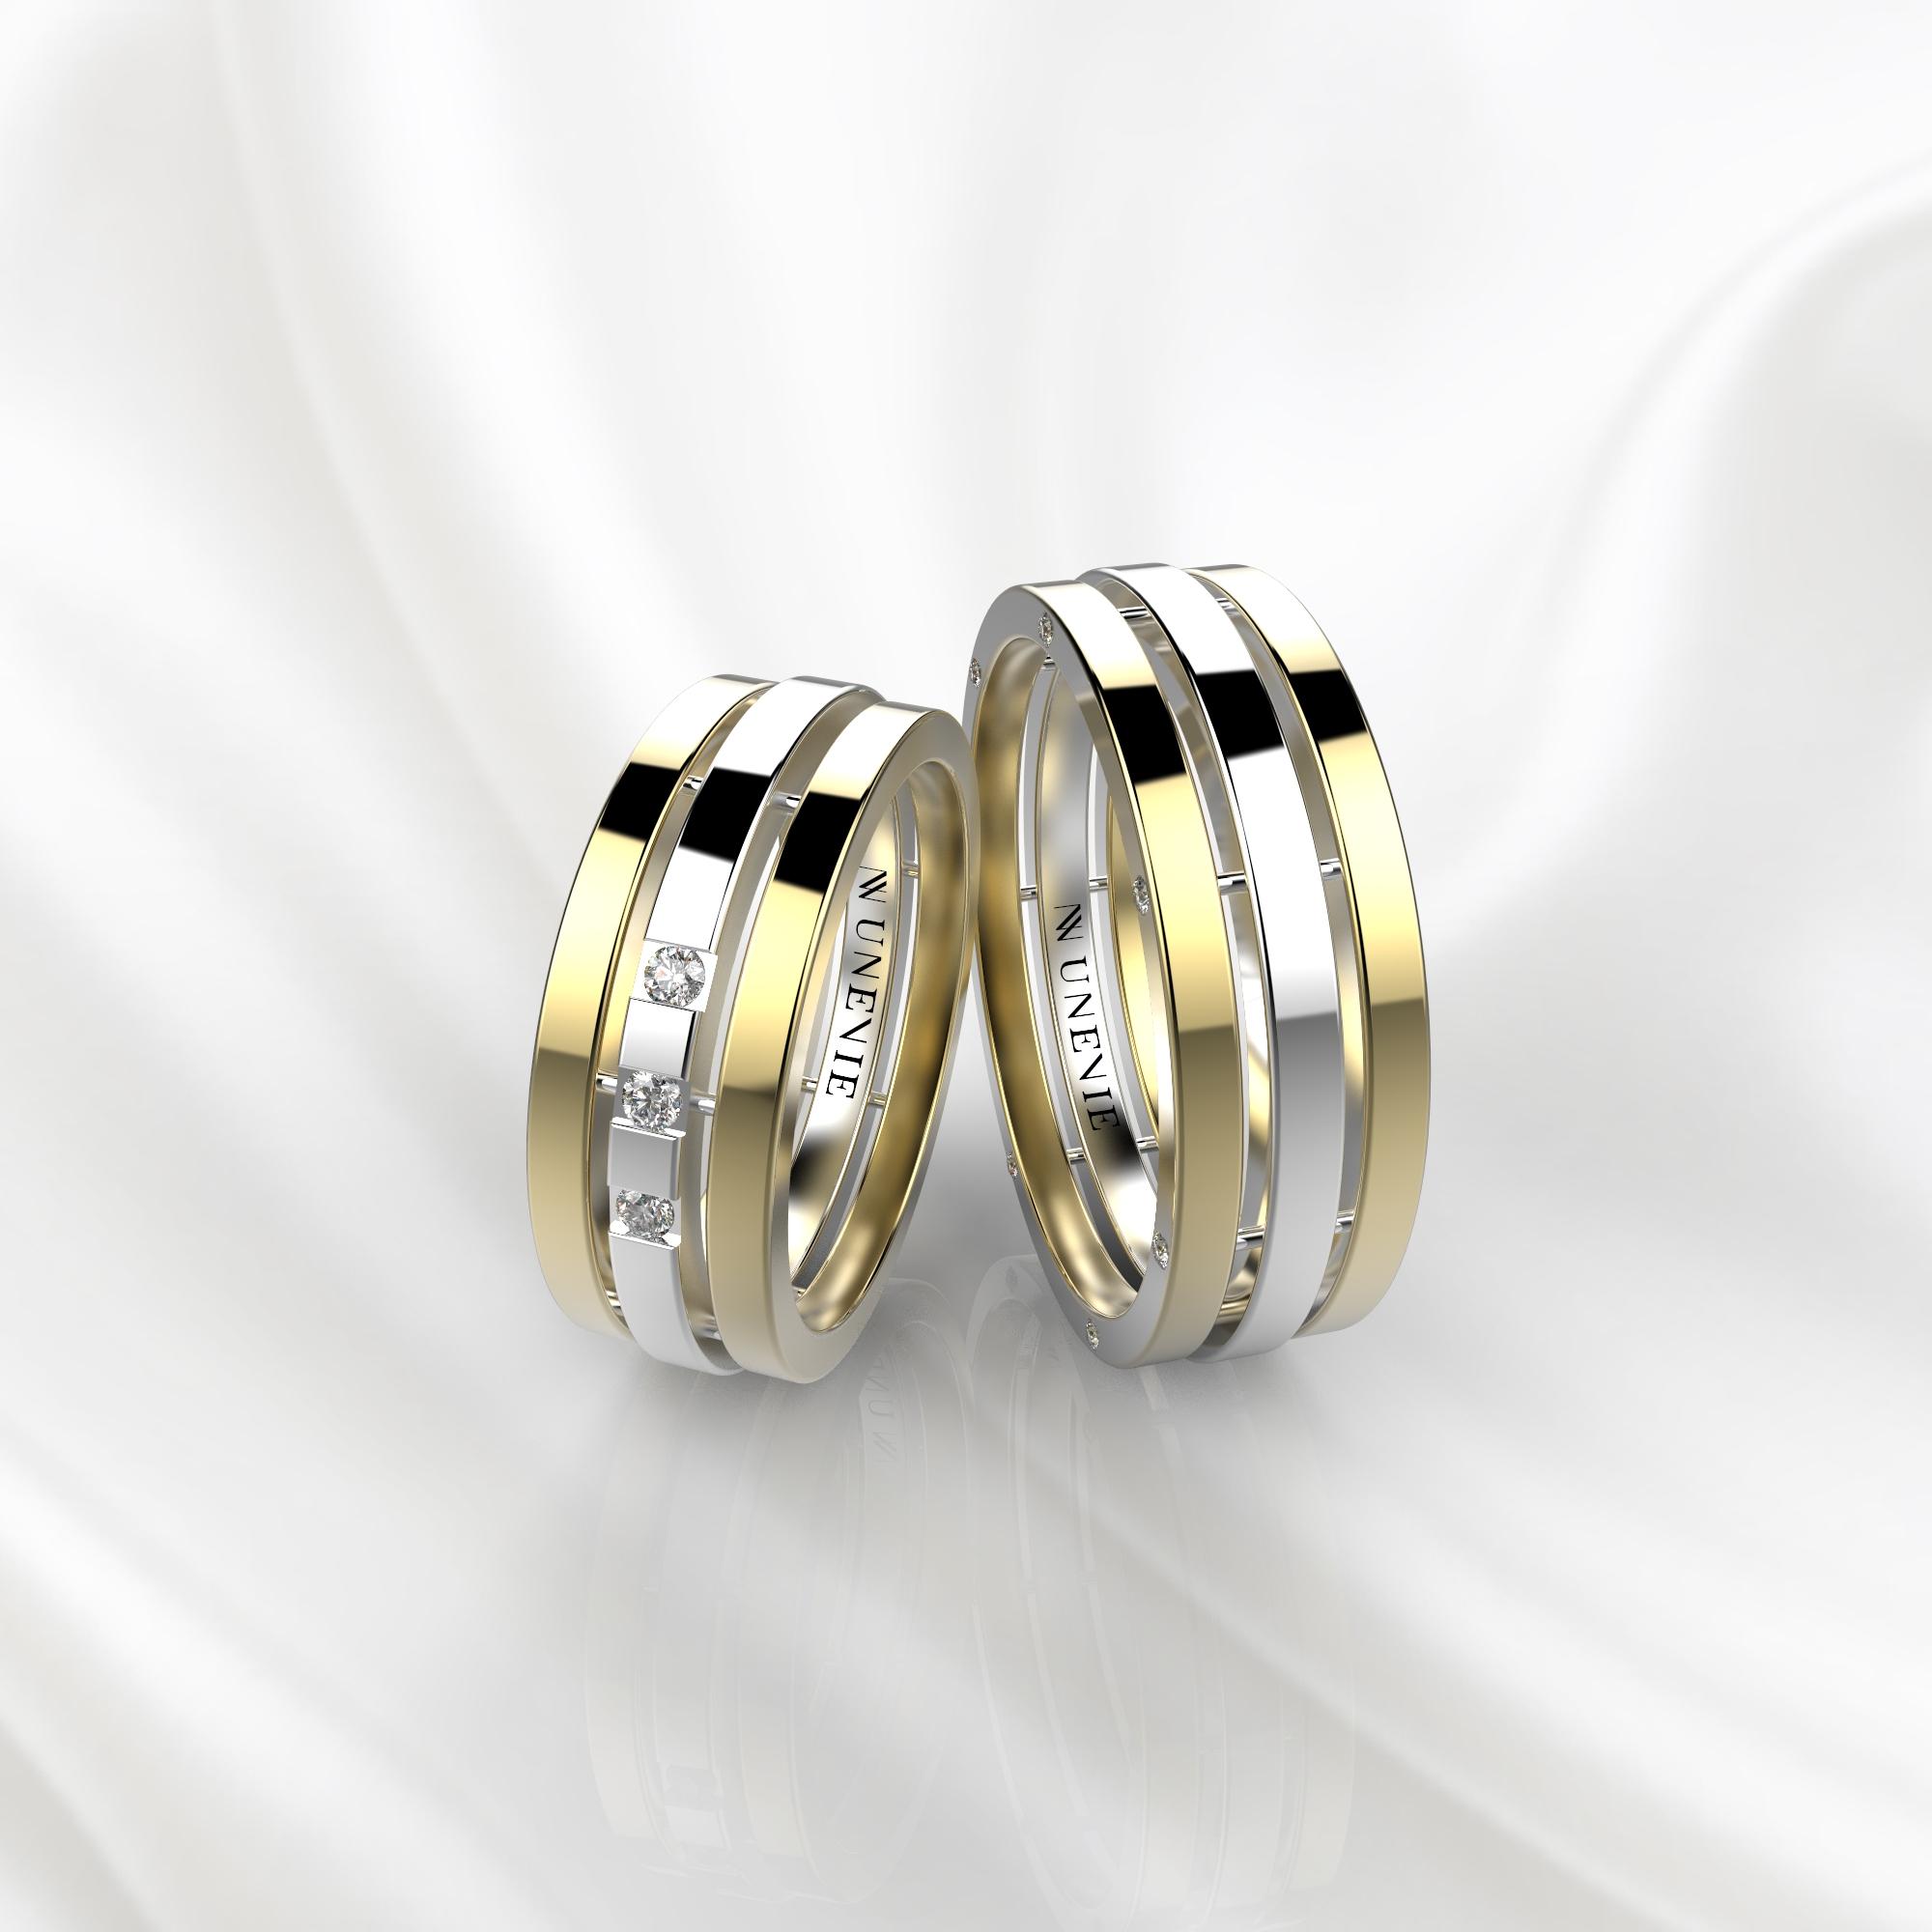 NV70 Парные обручальные кольца из желто-белого золота с бриллиантами